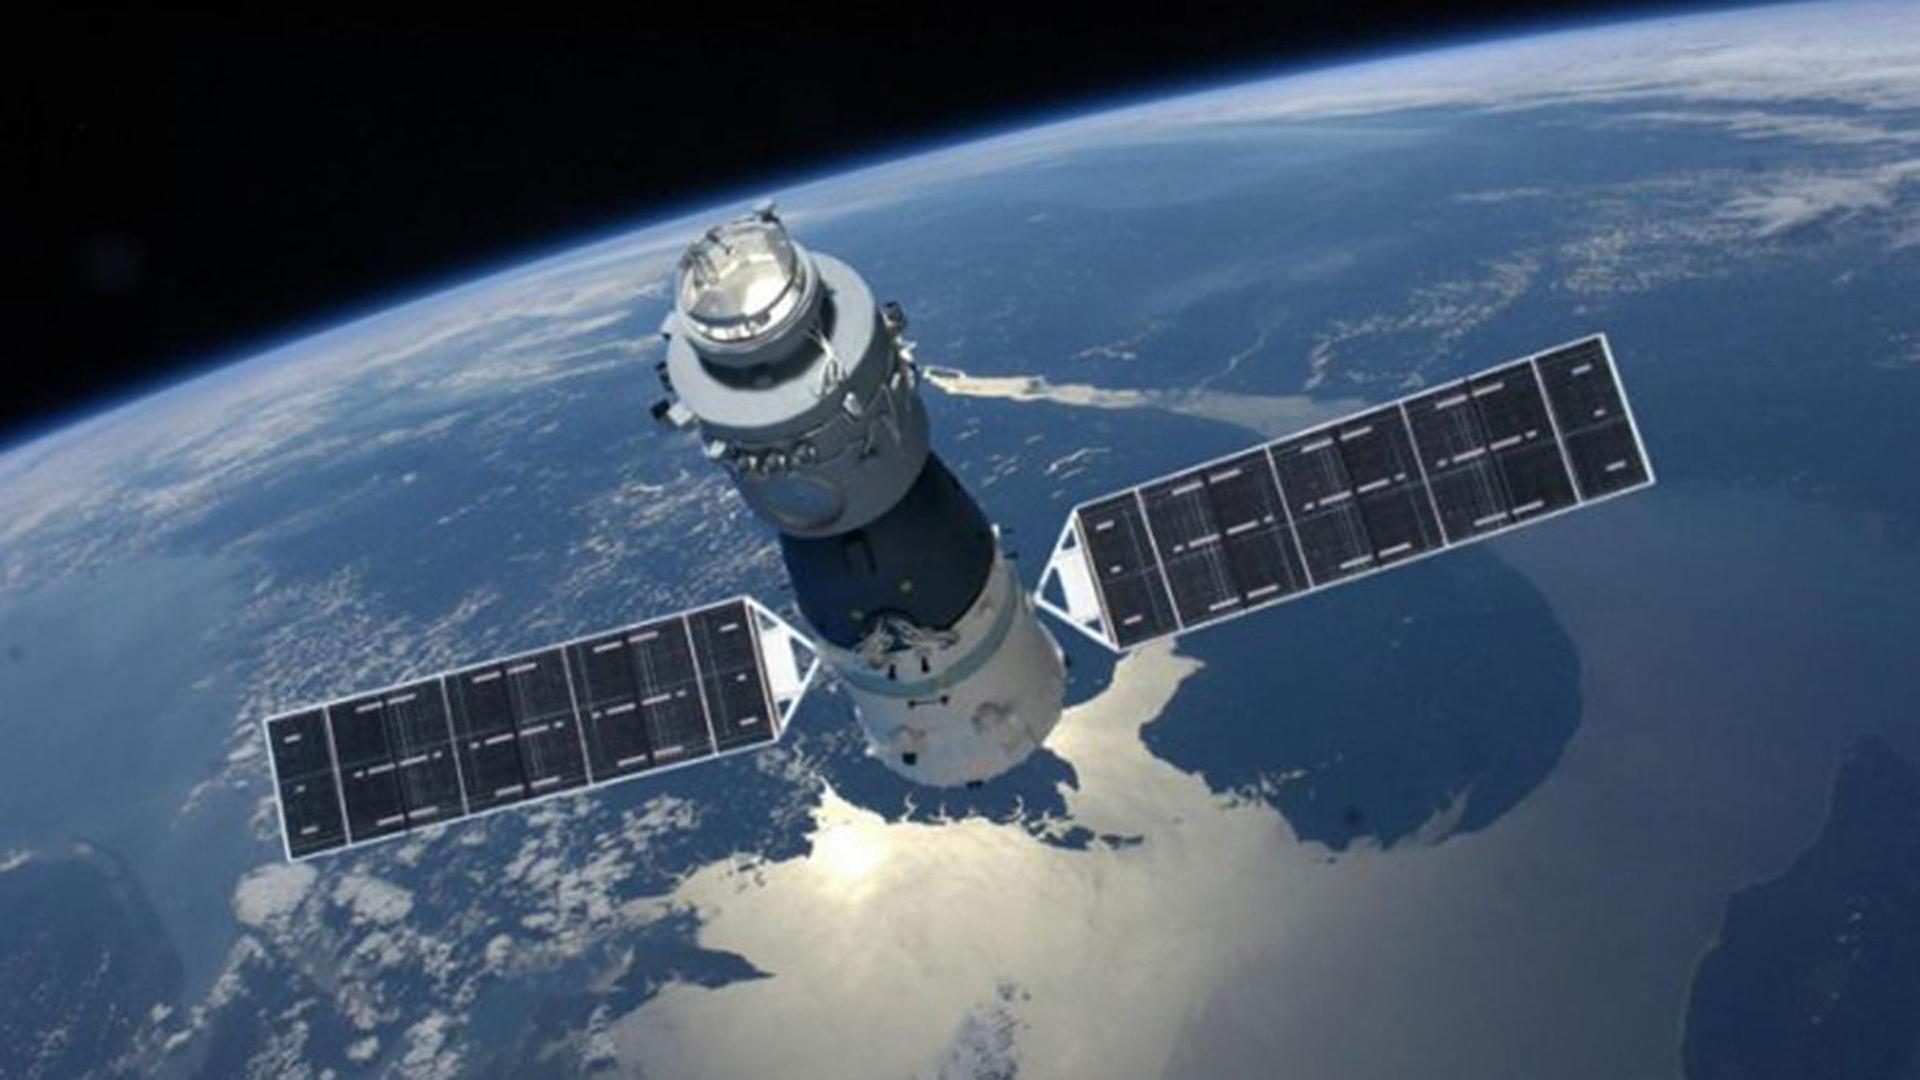 La Tiangong-1 caerá en los próximosdías en forma descontrolada